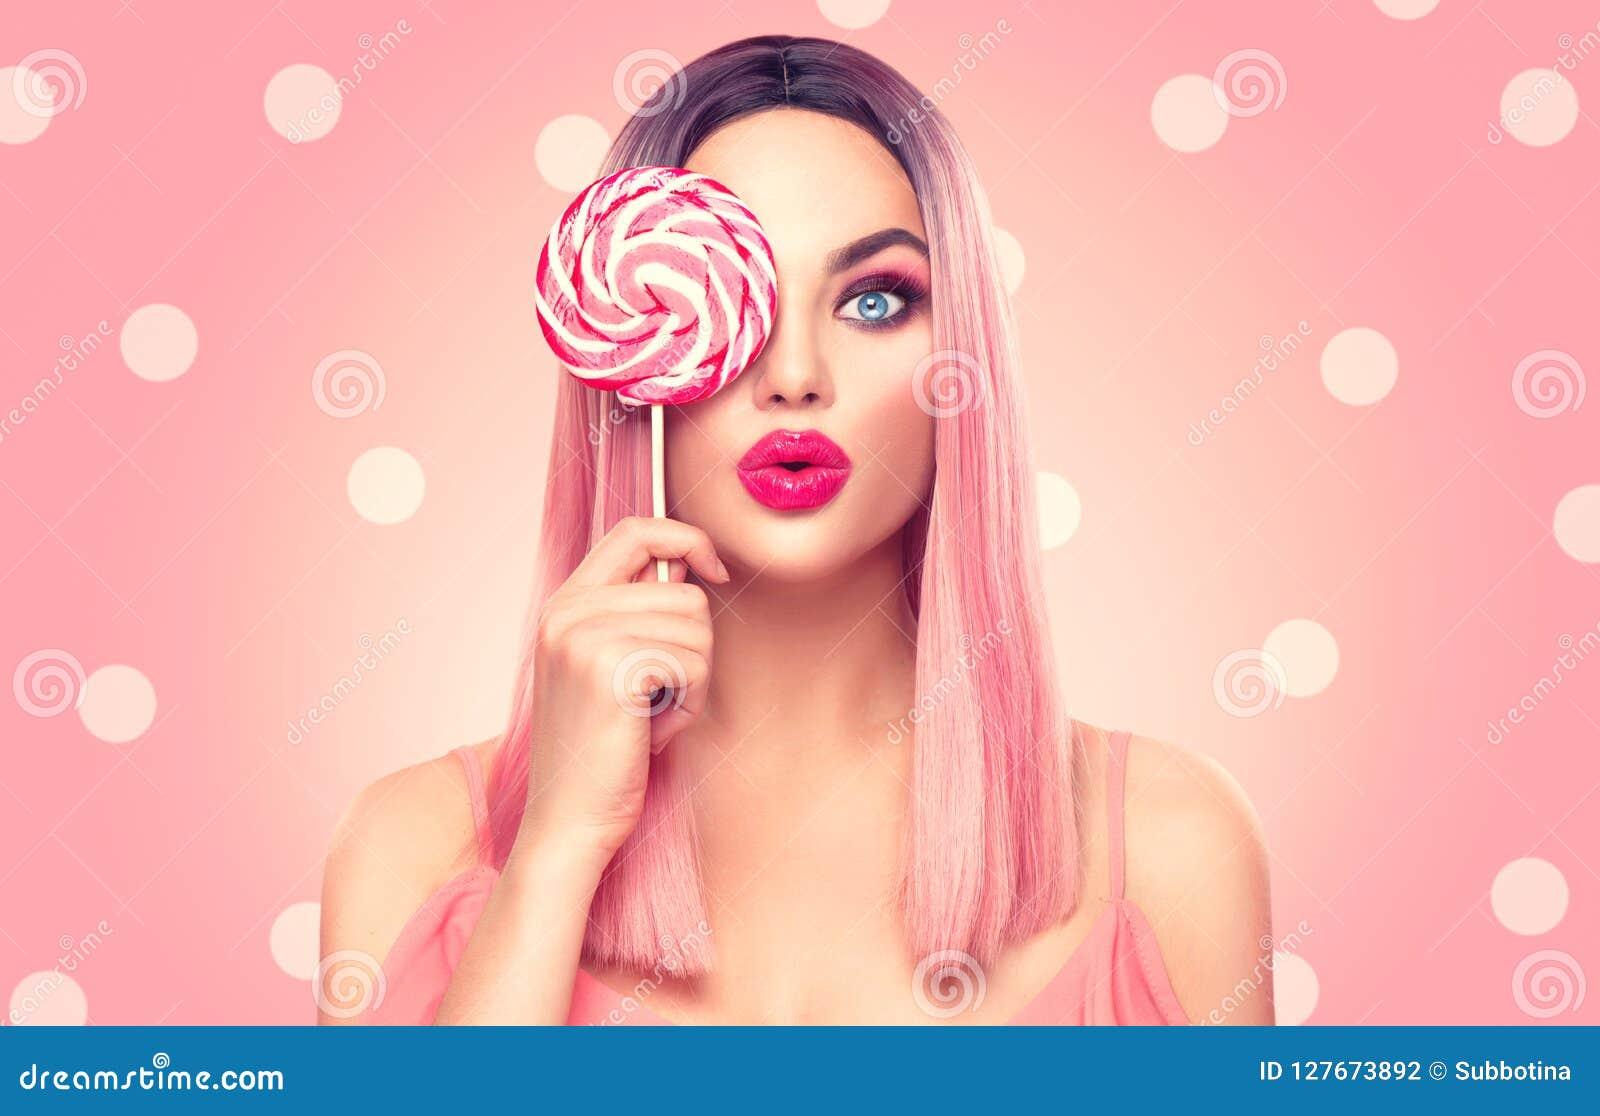 有时髦桃红色拿着棒棒糖糖果的发型和美好的构成的秀丽性感的式样妇女